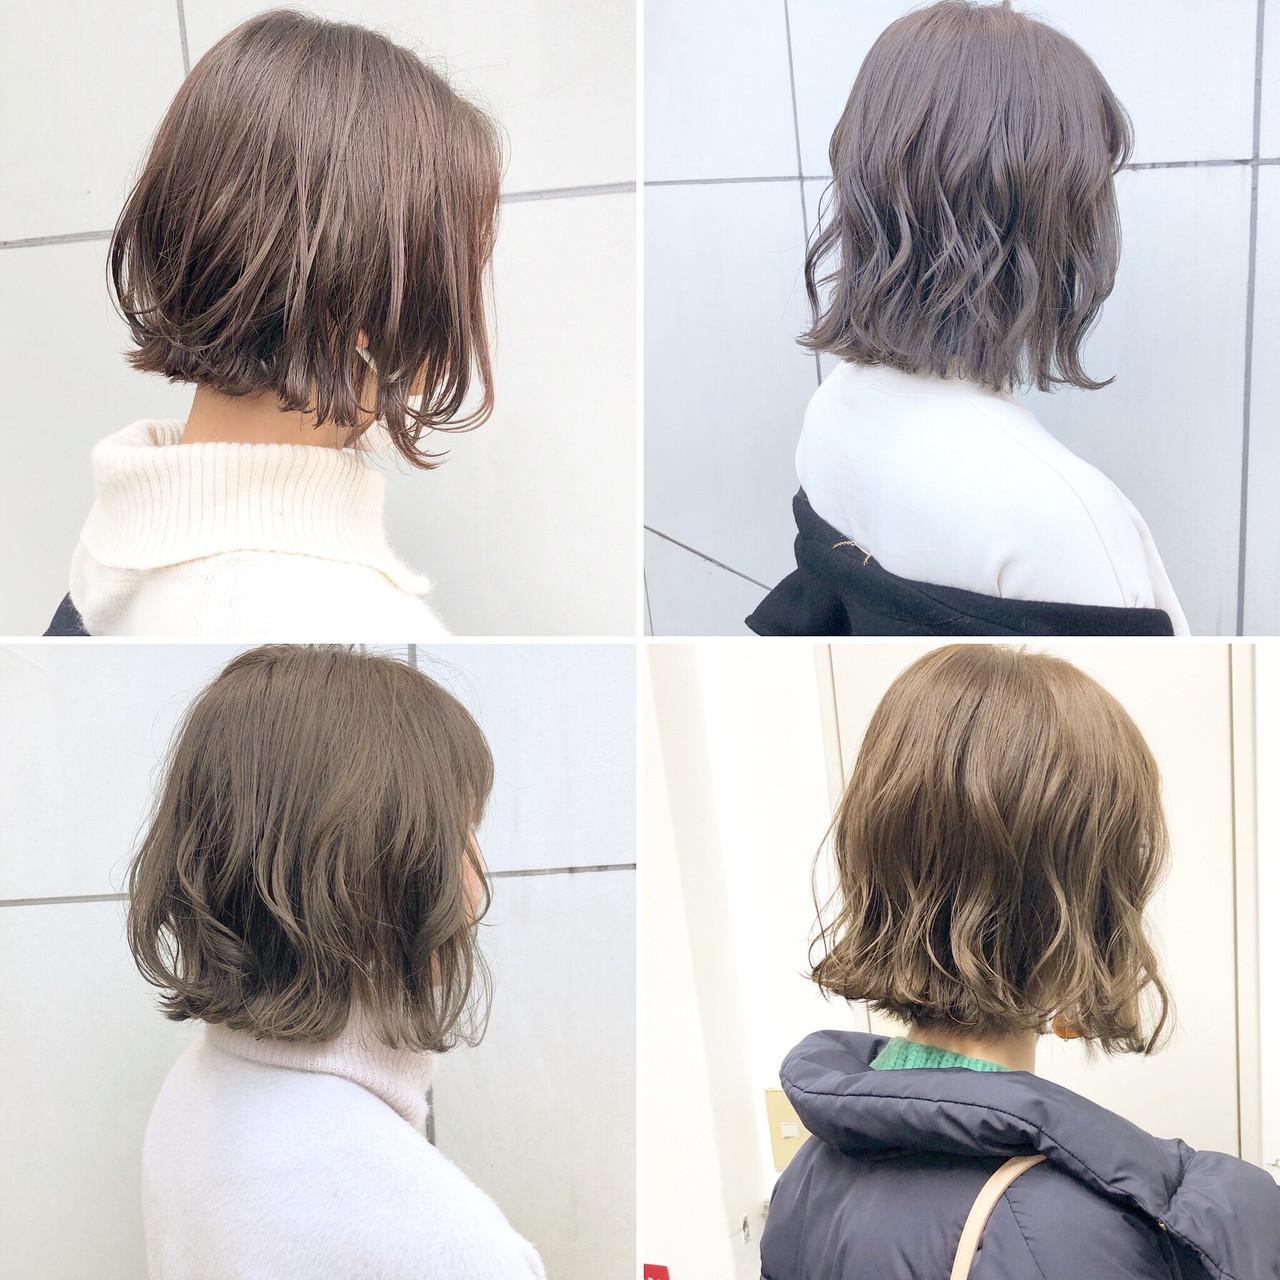 ボブ 切りっぱなし デート 簡単ヘアアレンジ ヘアスタイルや髪型の写真・画像 | 『ボブ美容師』永田邦彦 表参道 / send by HAIR